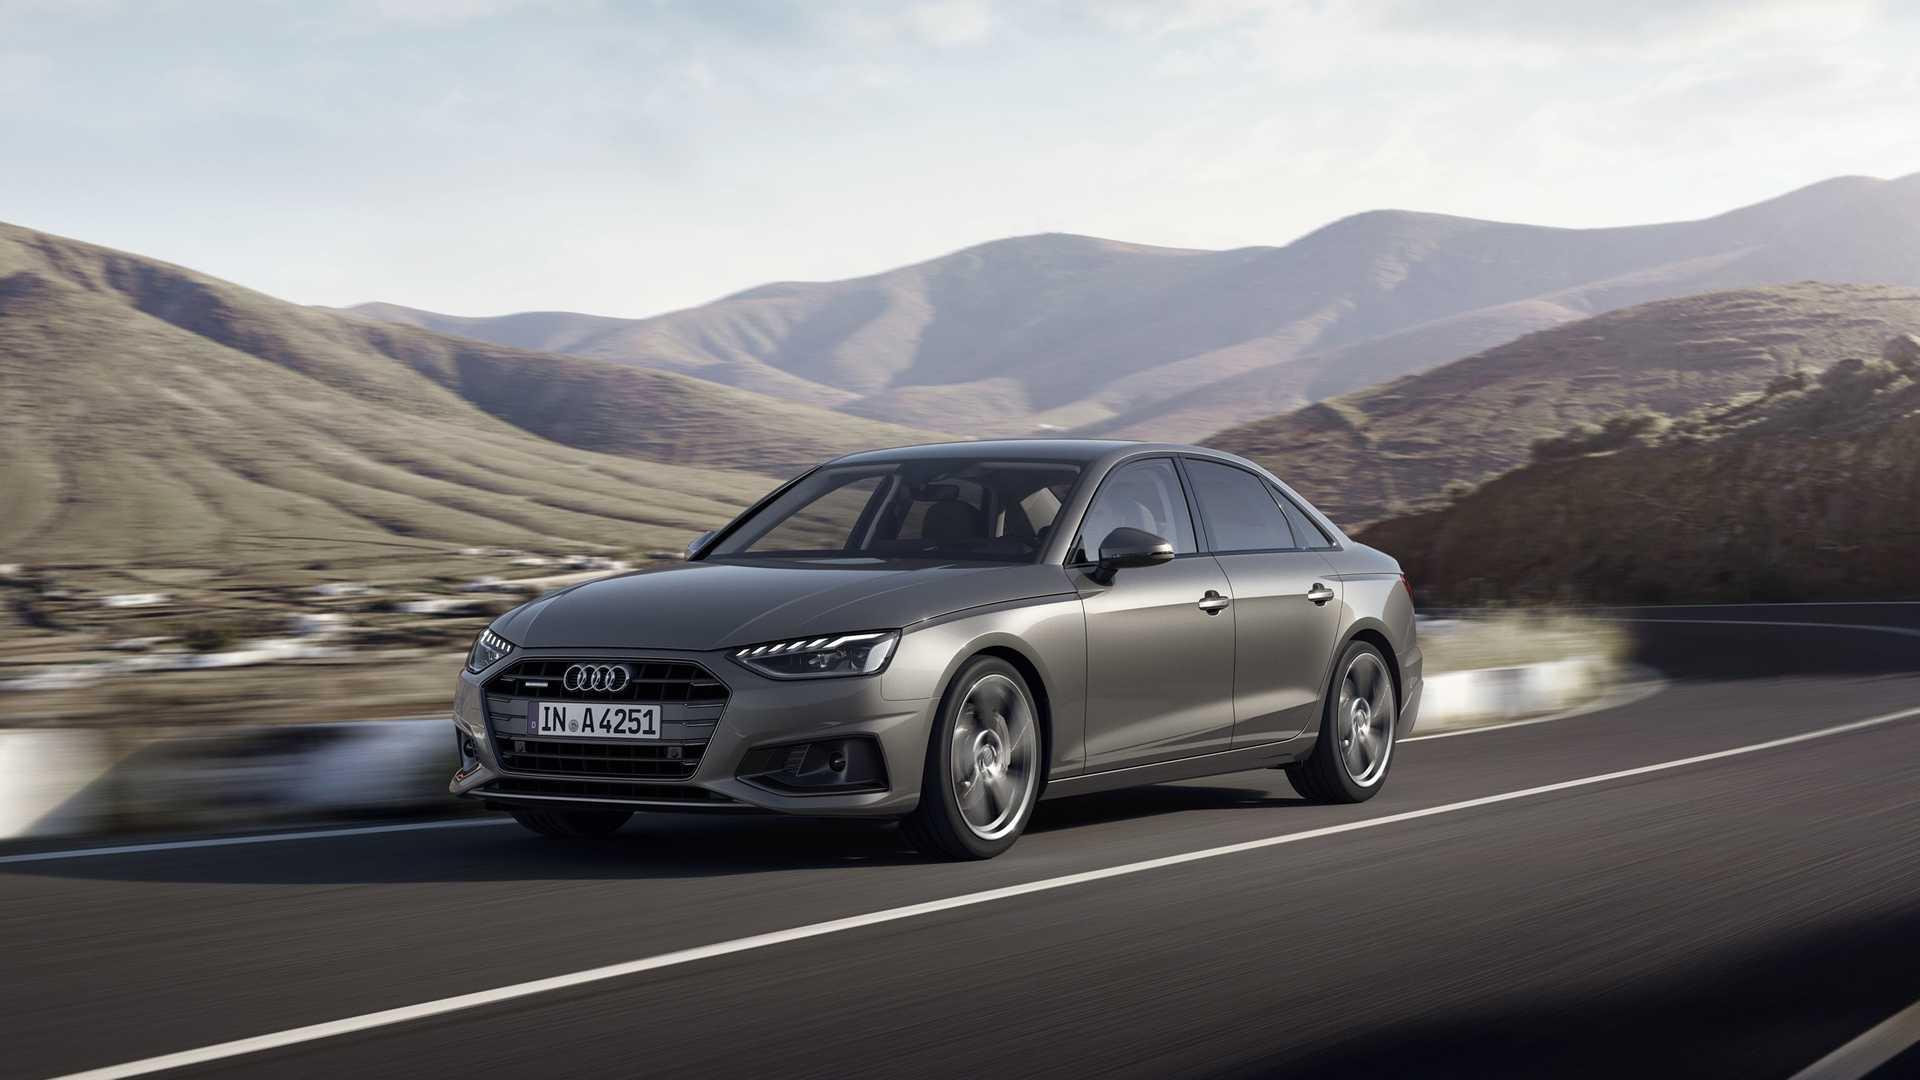 10. Audi A4: 44,8 trường hợp khiếm nhã/1.000 đơn.